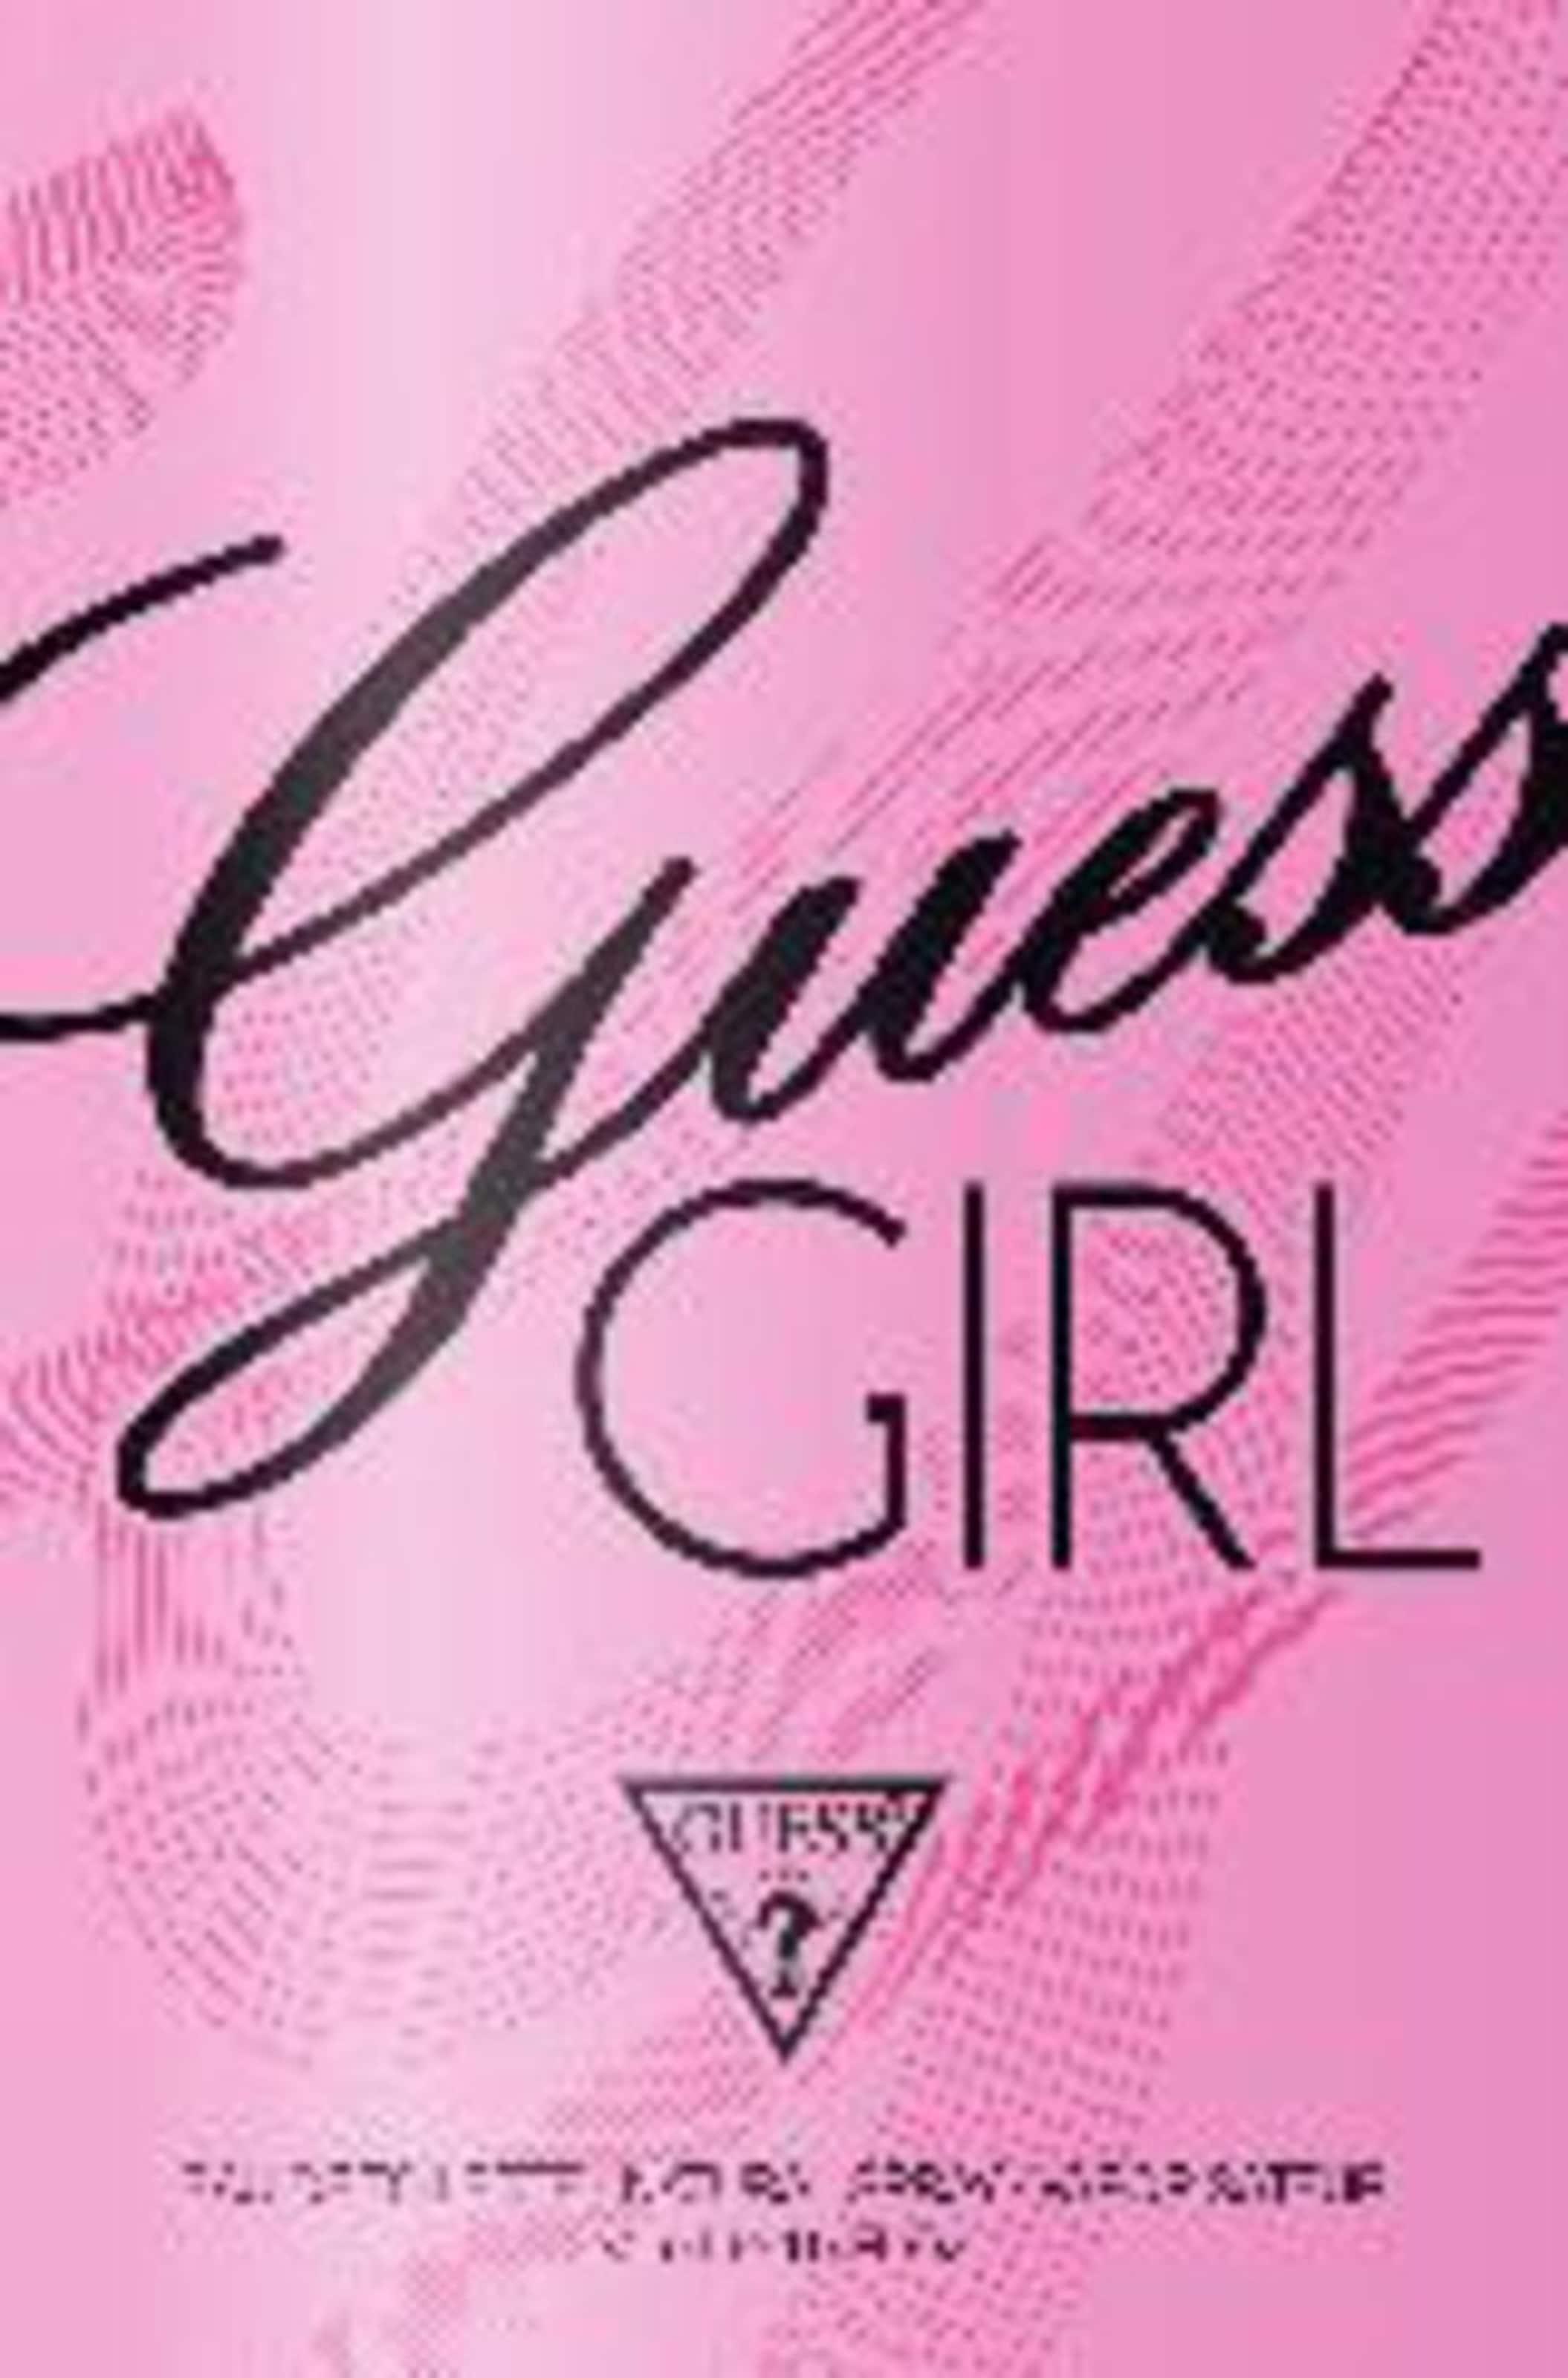 Zum Verkauf Online-Shop GUESS 'Girl' Eau de Toilette 100% Ig Garantiert Verkauf Online Strapazierfähiges ilEXRcNTz0